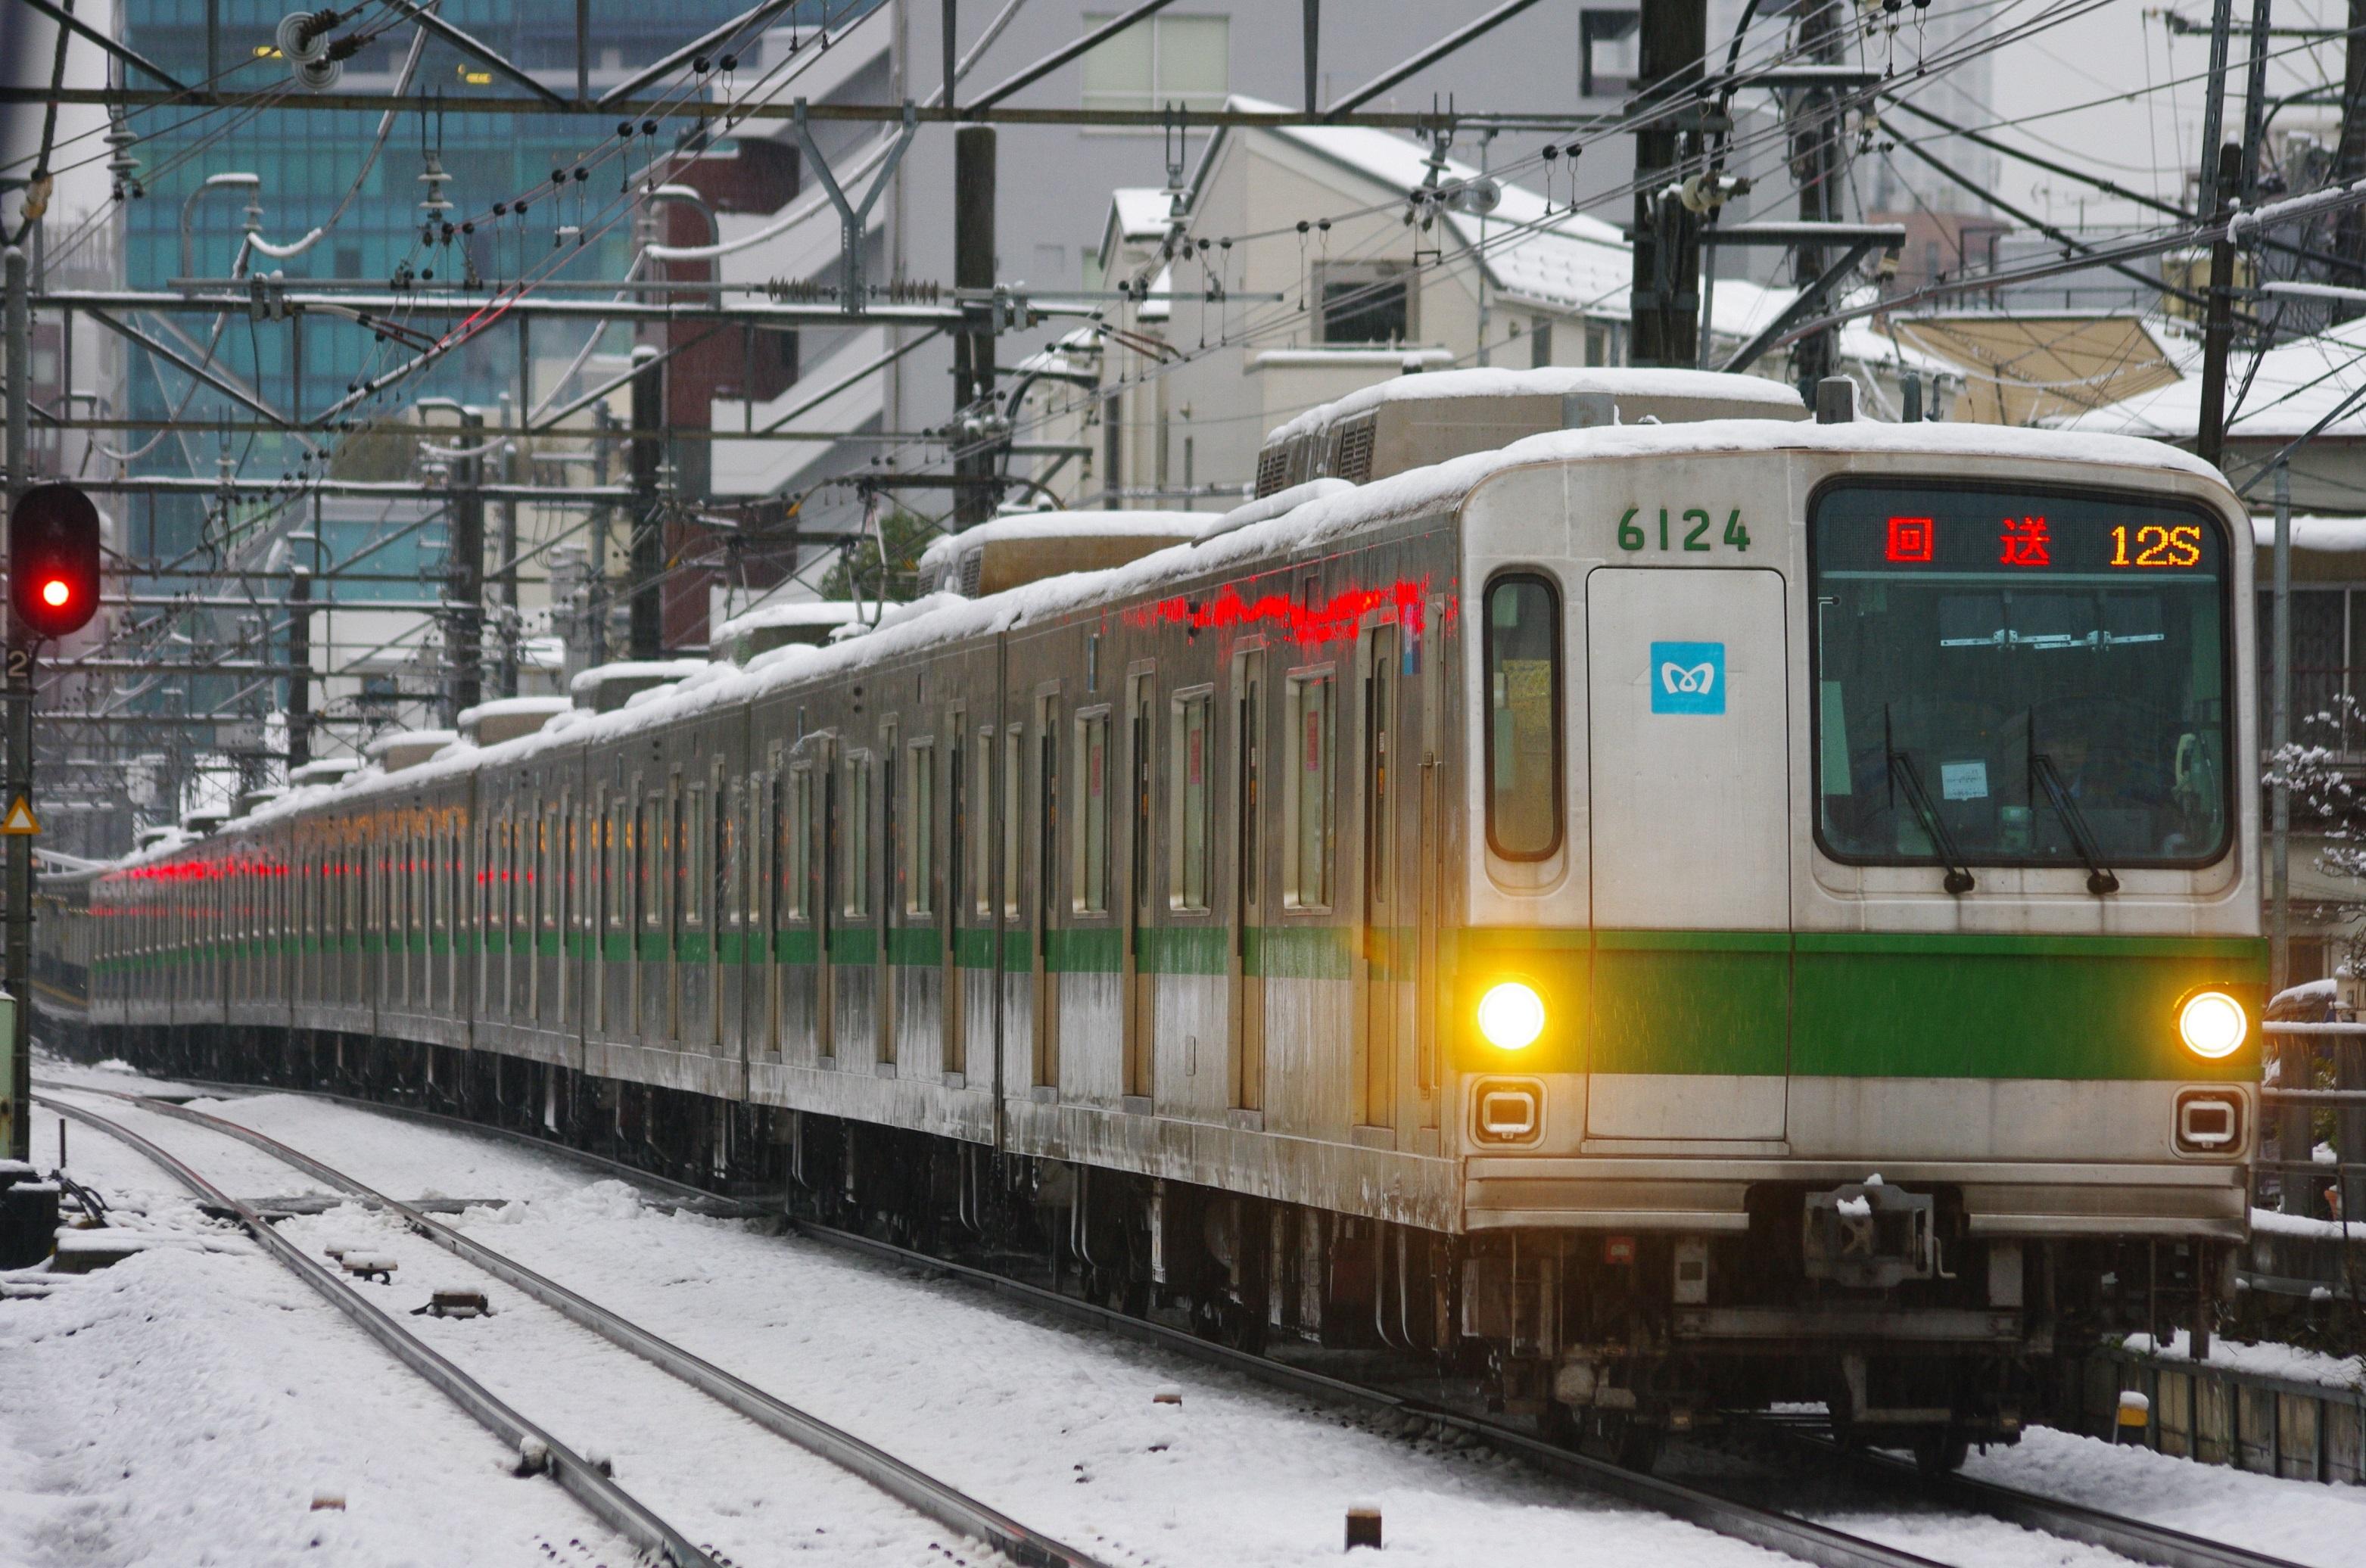 2015/01/18「12S折返し回送」